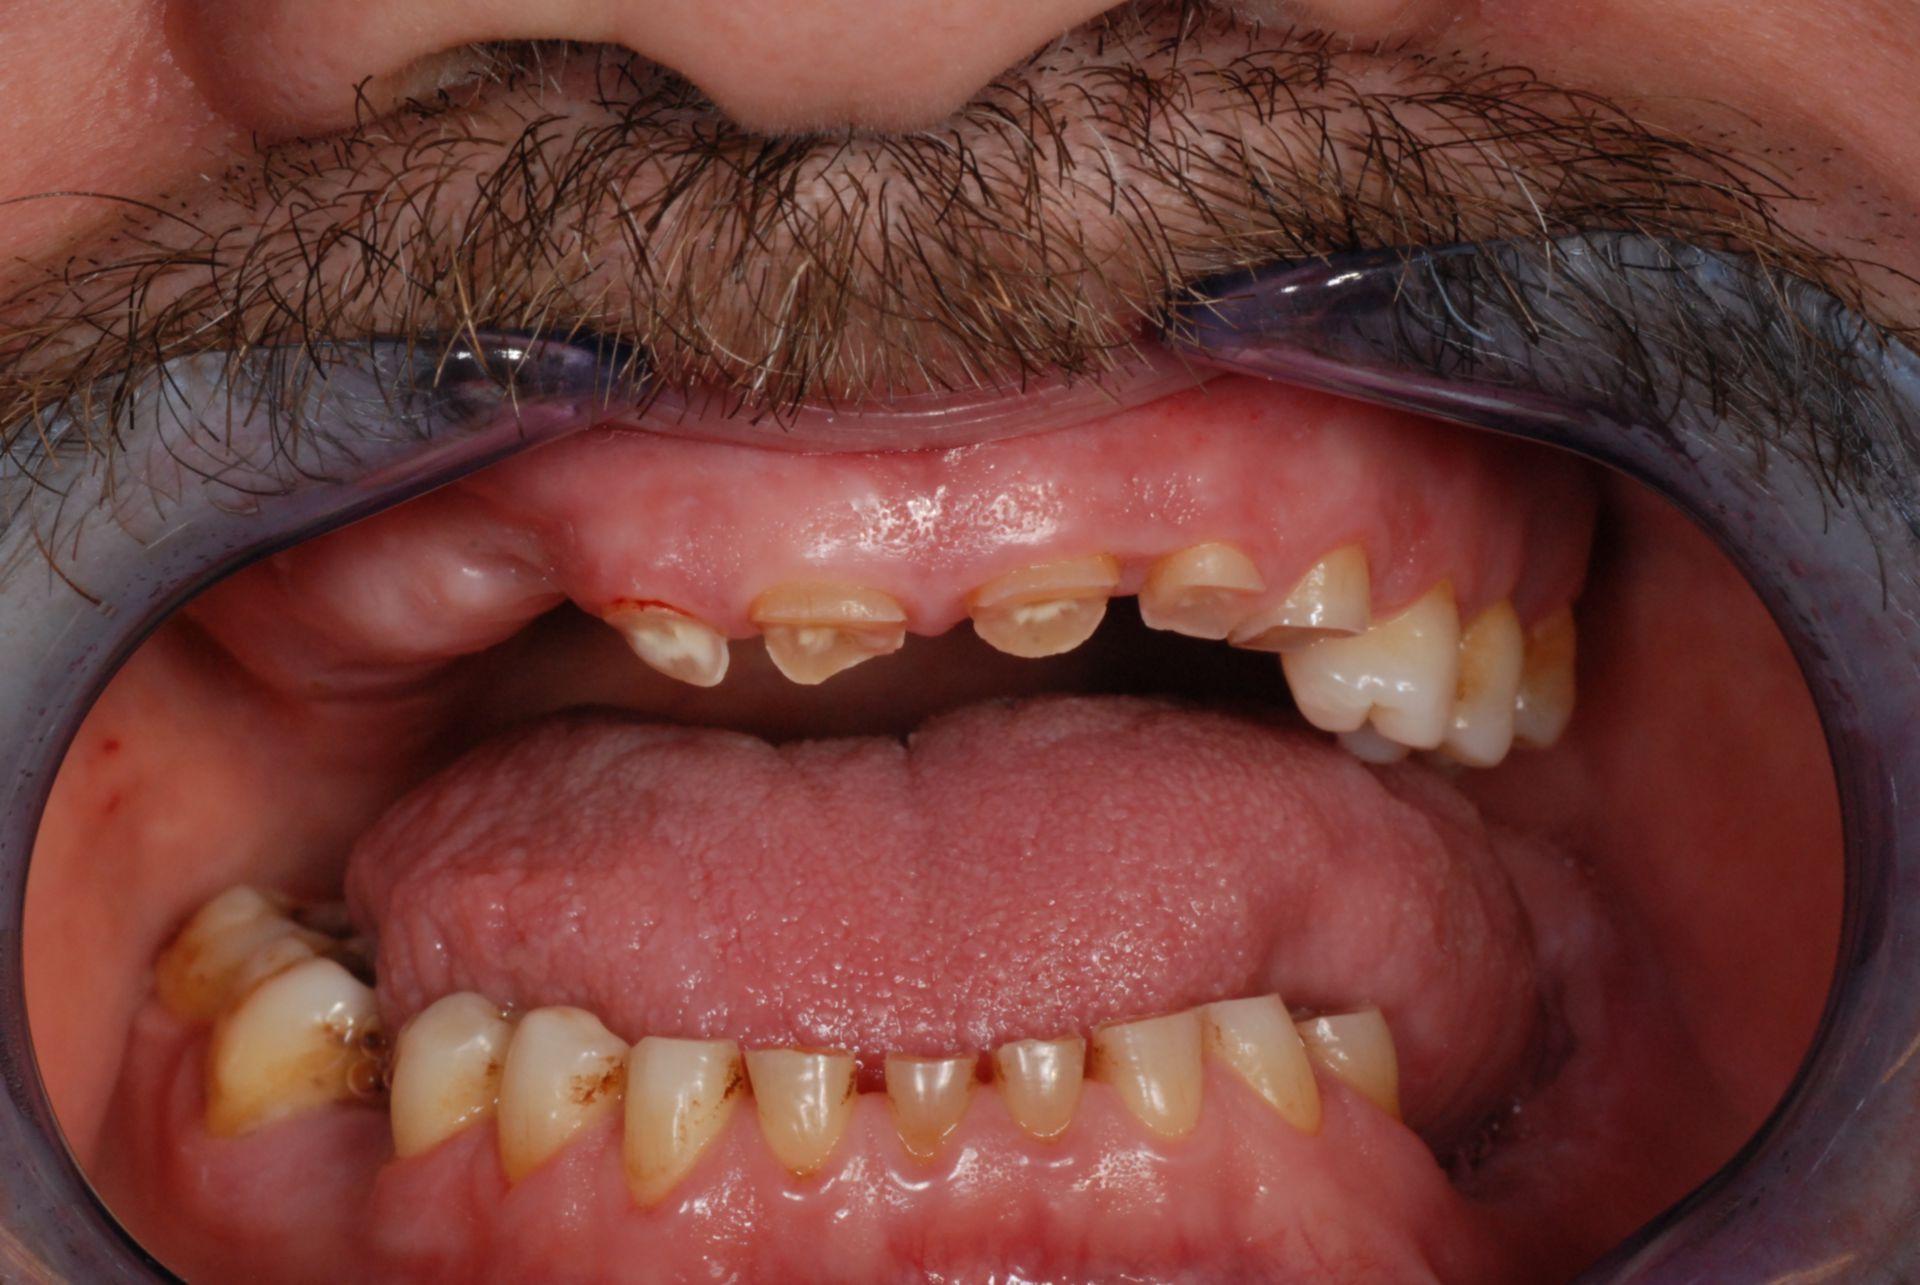 Grave abrasione dei denti anteriori